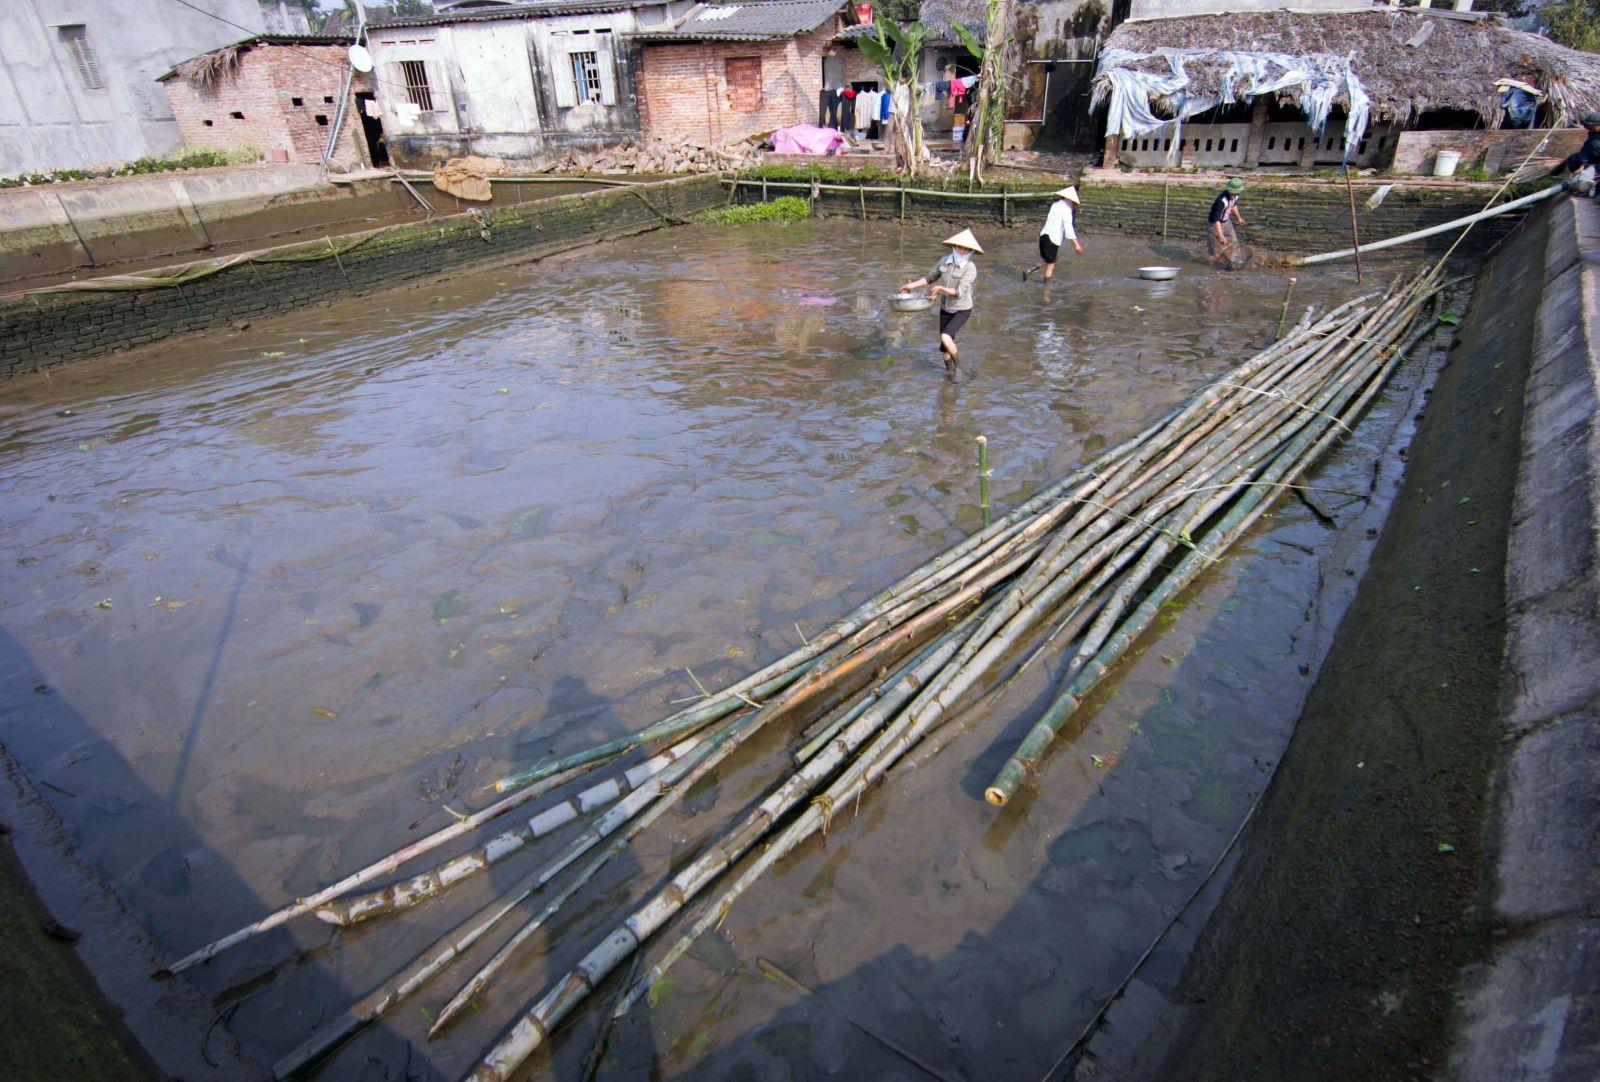 Bơm nước, tháo đầm, tát ao, bắt cá... là khoảng thời gian nhộn nhịp nhất trong năm của các gia đình ở Thủy Trầm, khi đó, cả làng biến thành một ngư trường thu nhỏ.